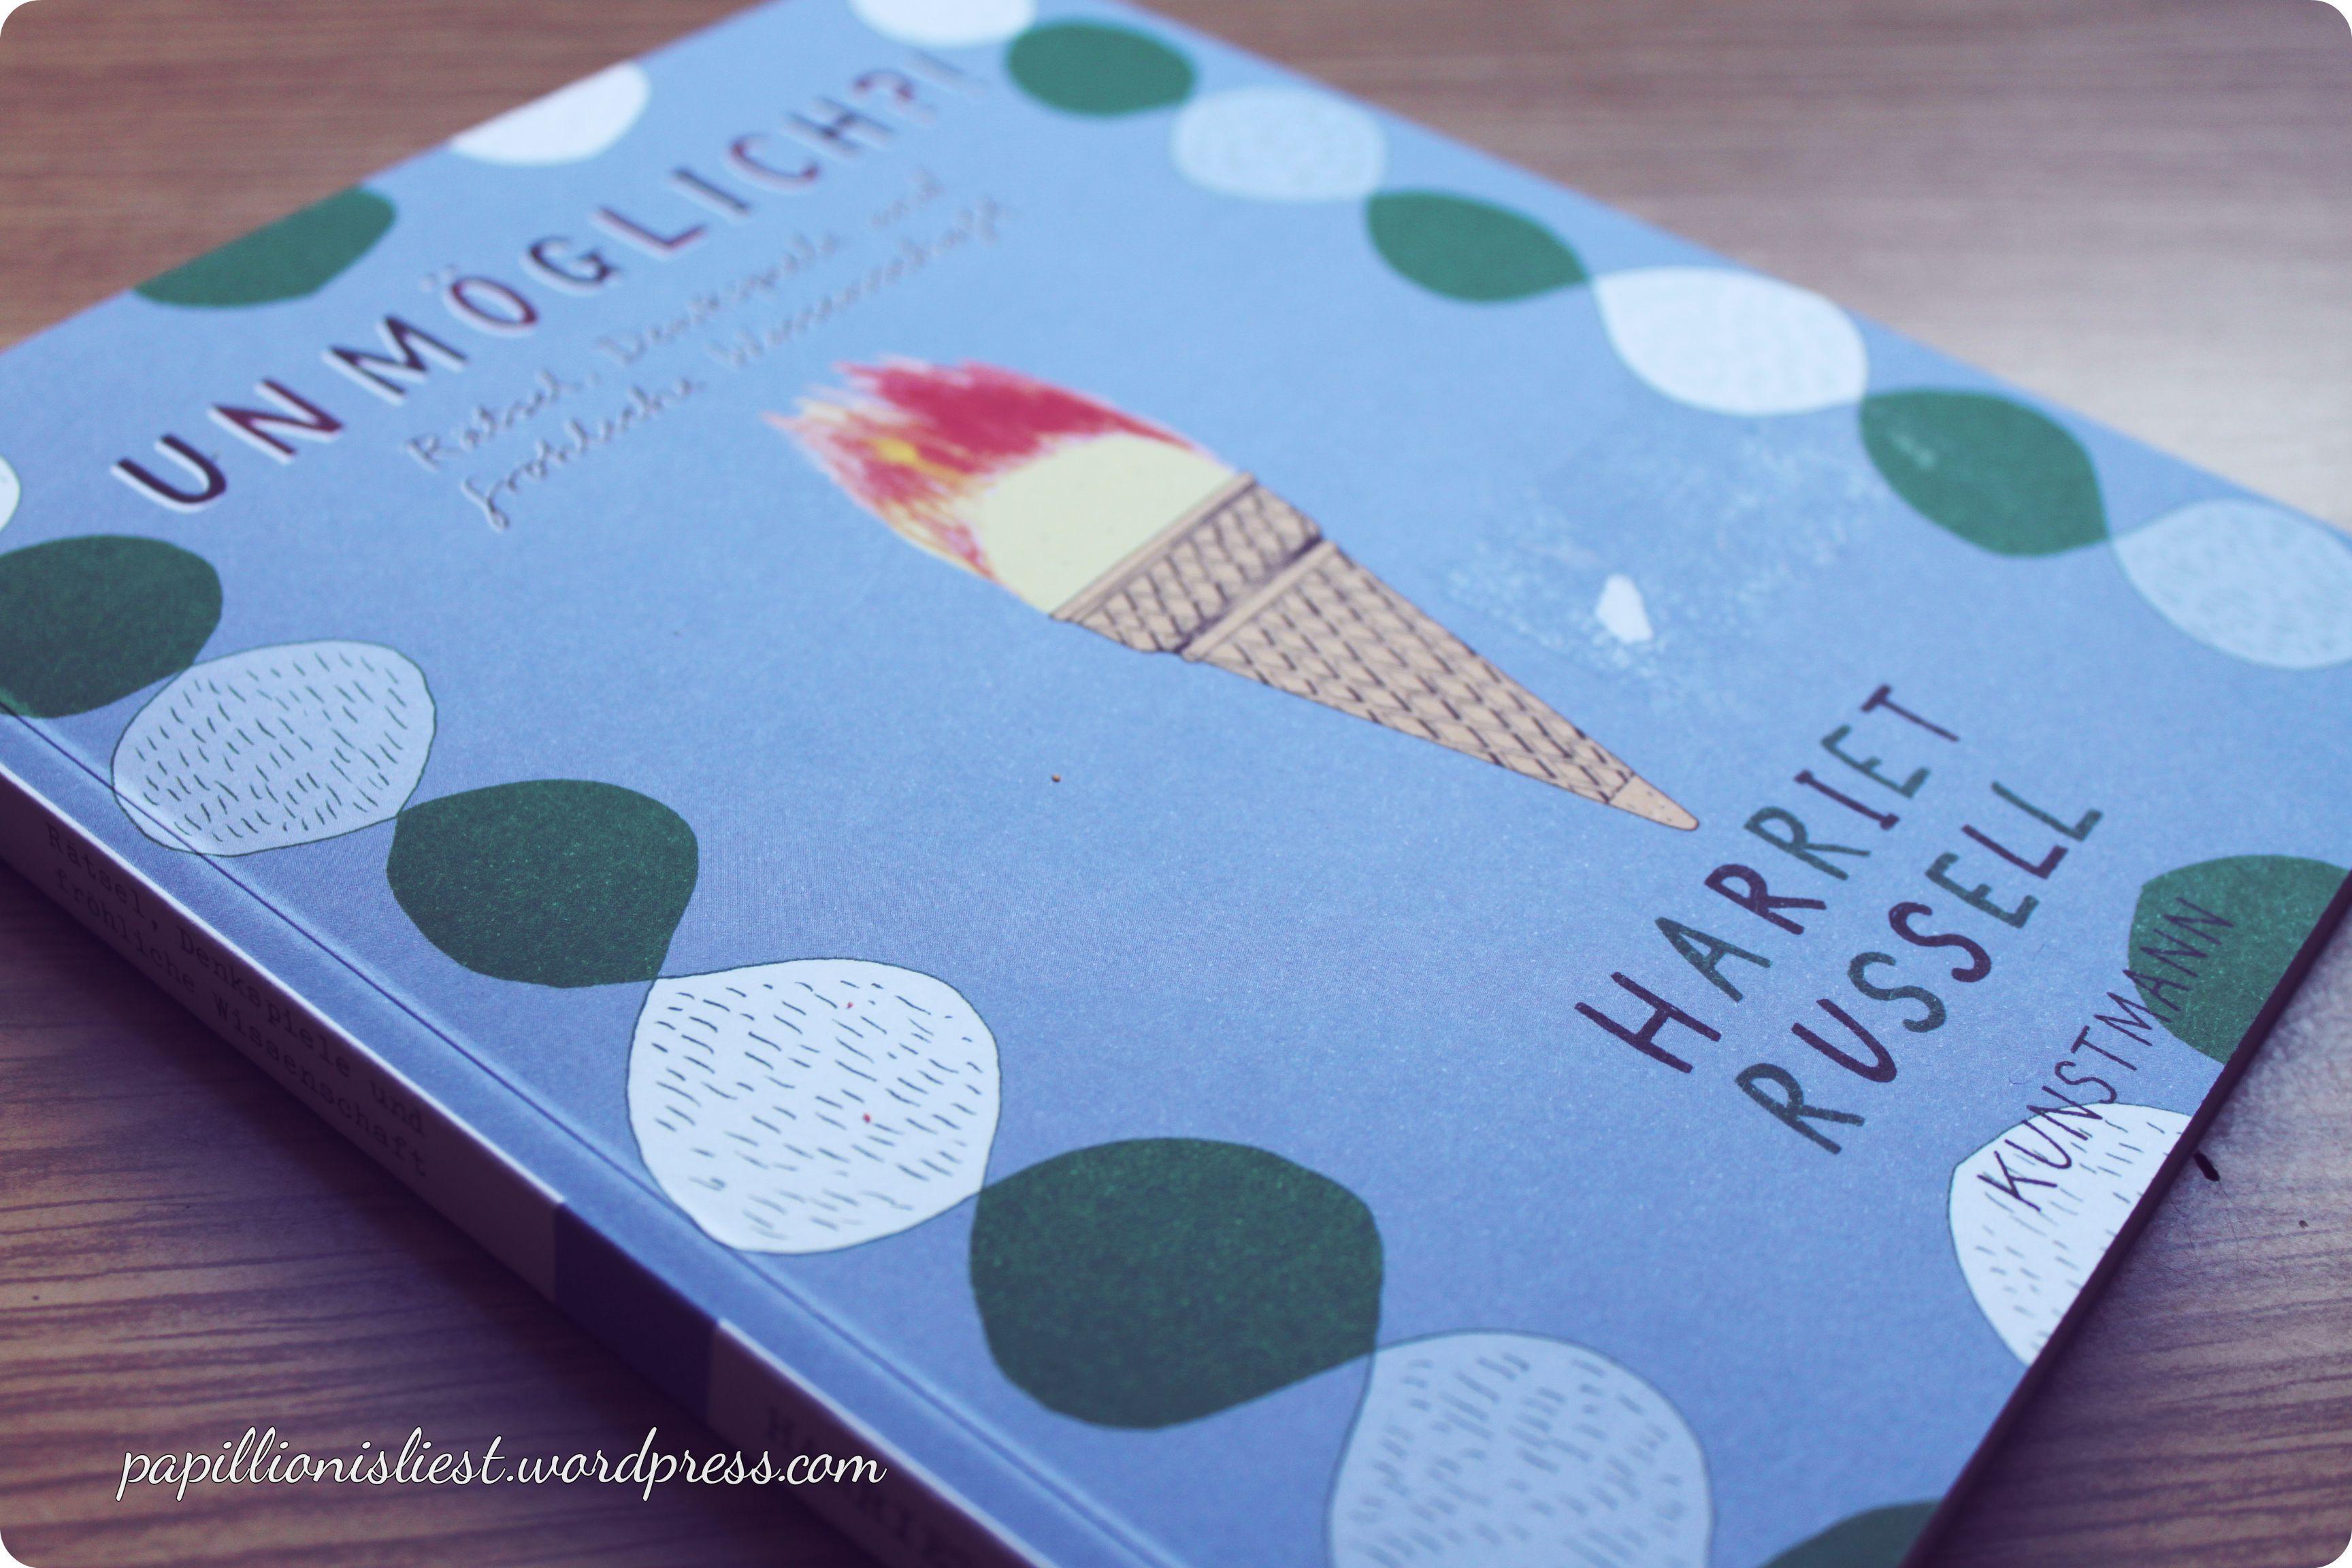 Harriet Russell - Unmöglich?!